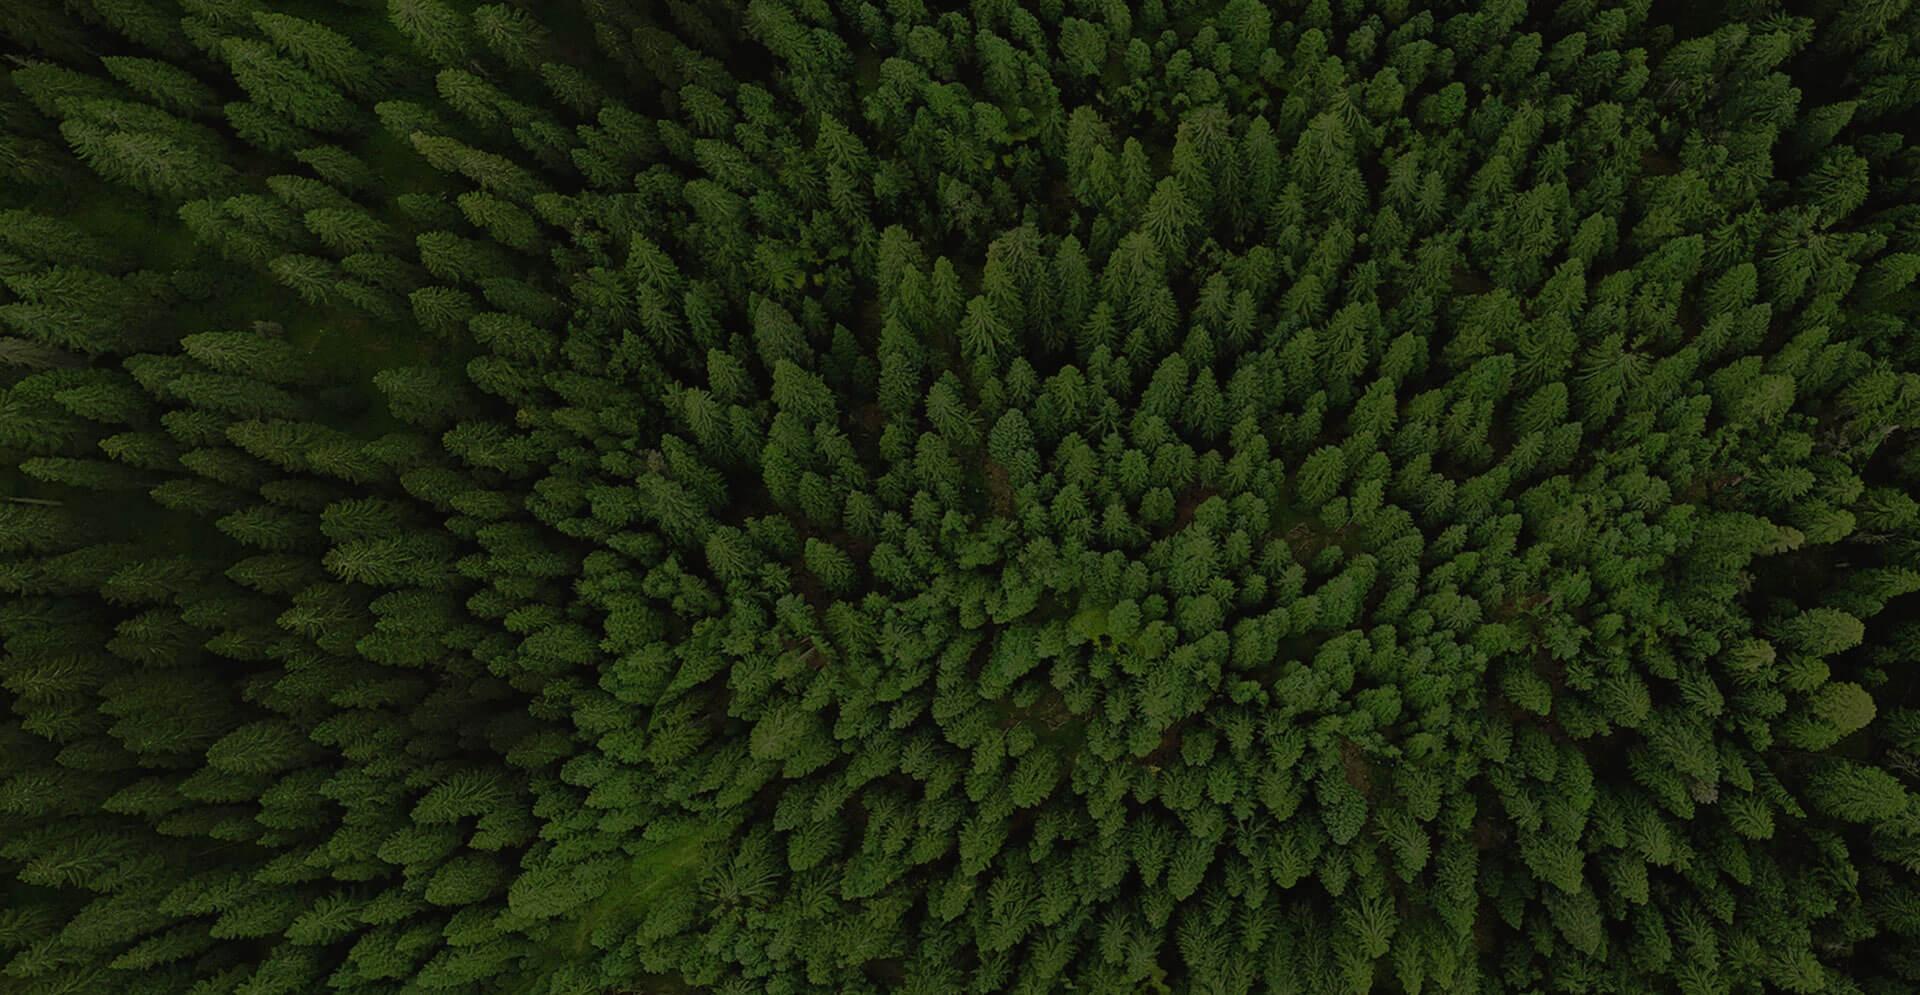 Podarujemy drzewa naszej polskiej przyrodzie. OBI - Las na zawsze.